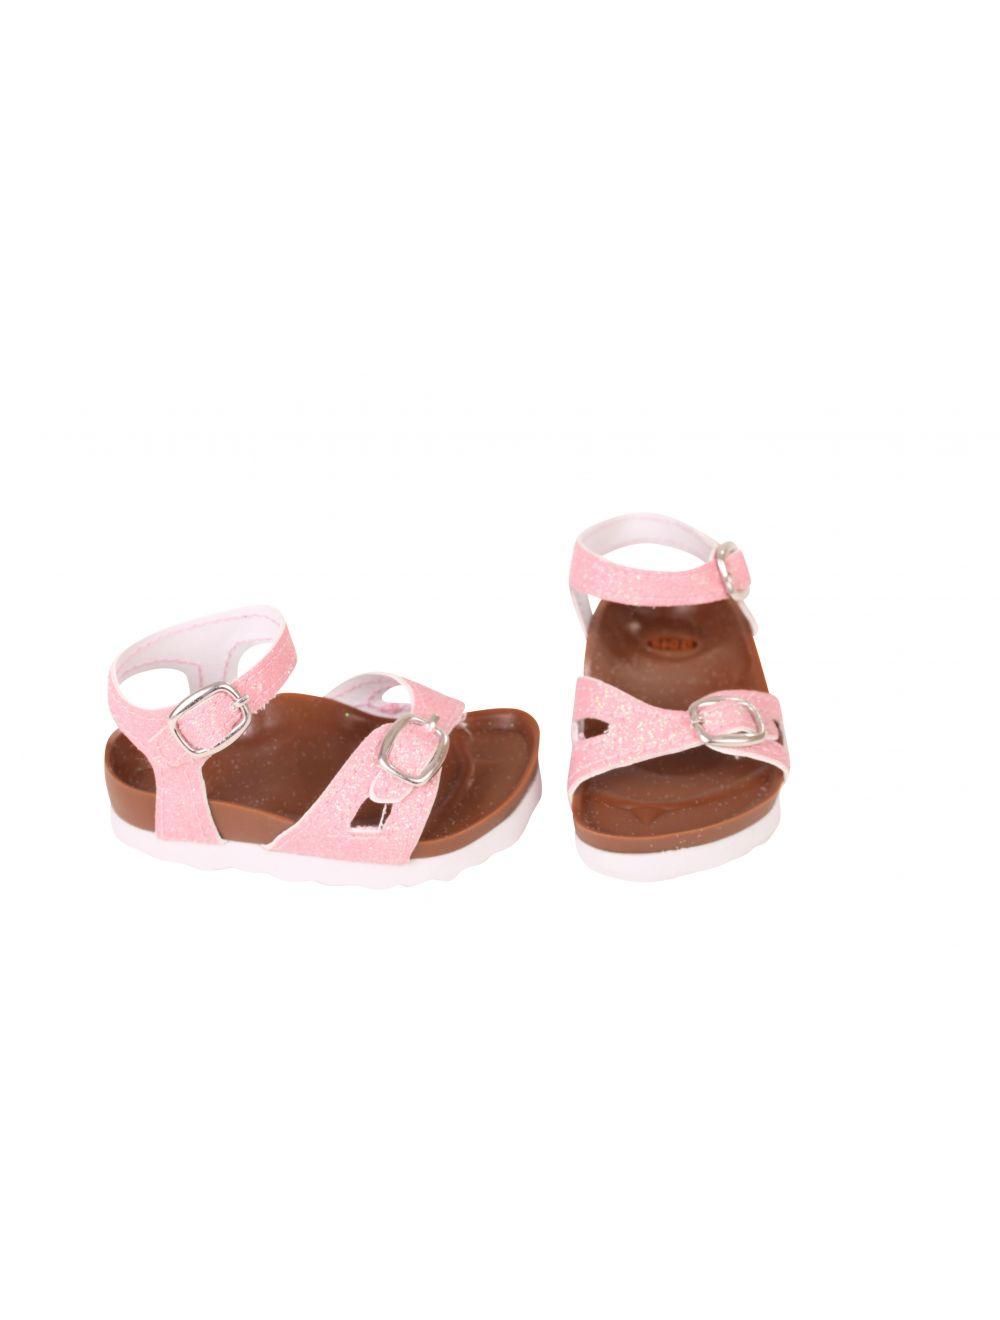 suvised sandaalid comfy feet 42-50cm nukule